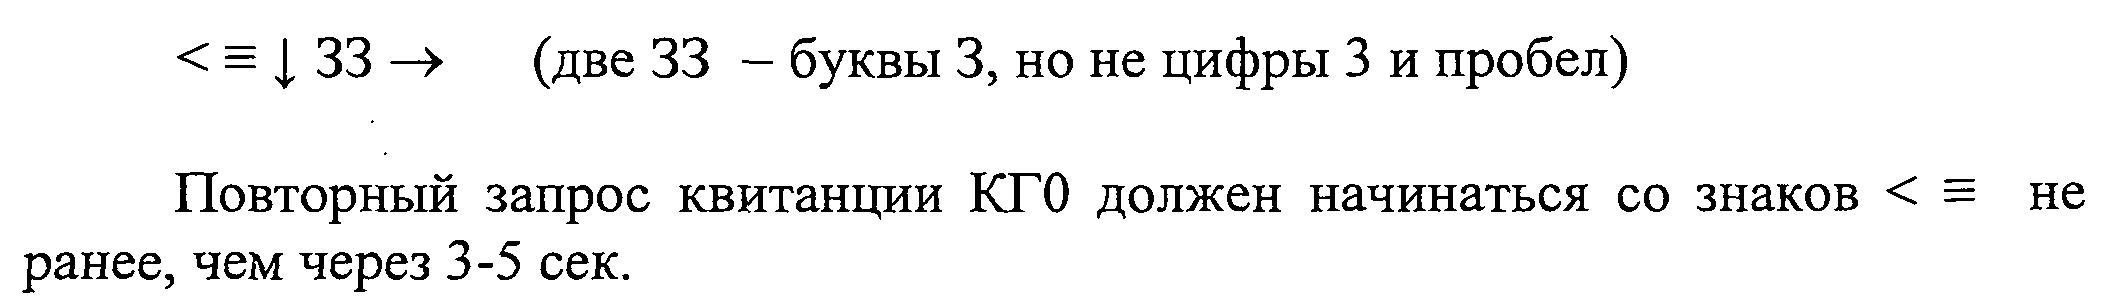 ФОРМАТ ПЕРЕДАЧИ ЛИНЕЙНОЙ КОДОГРАММЫ